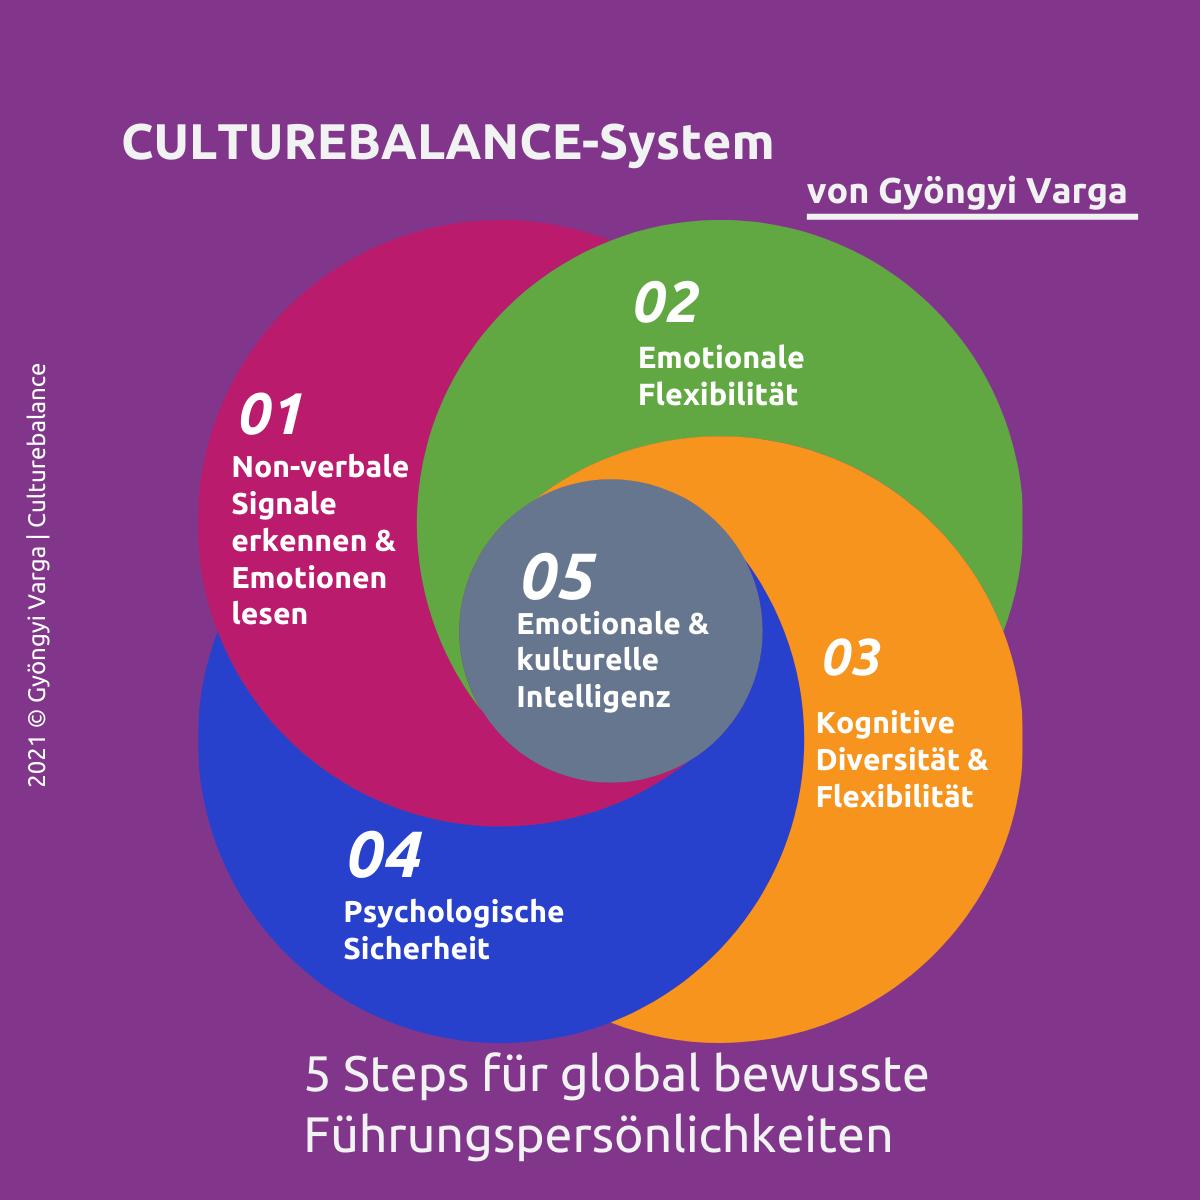 Culturebalance-System von Gyöngyi Varga